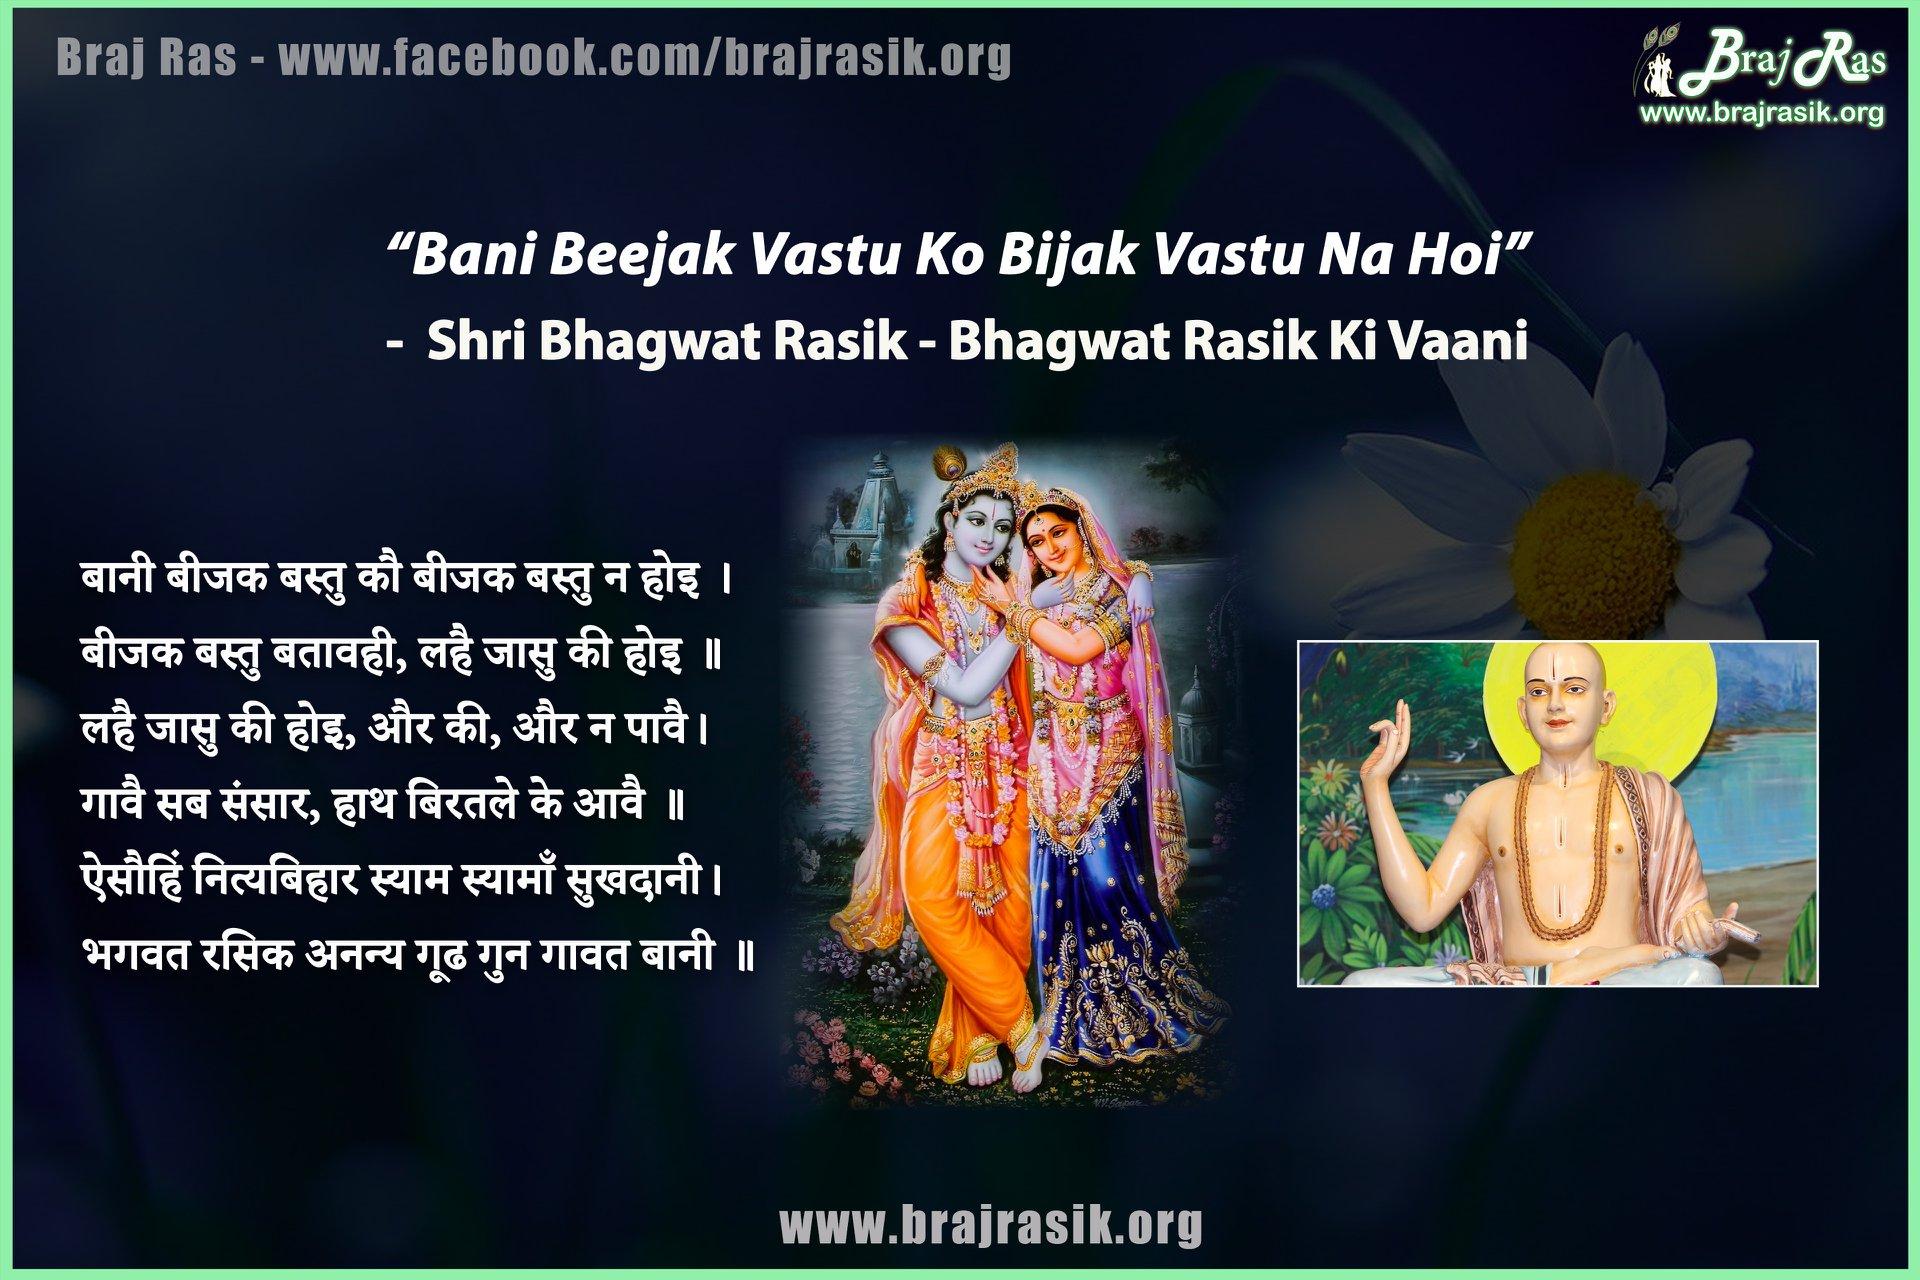 Bani Beejak Vastu Ko Bijak Vastu Na Hoi - Shri Bhagwat Rasik - Bhagwat Rasik Ki Vaani